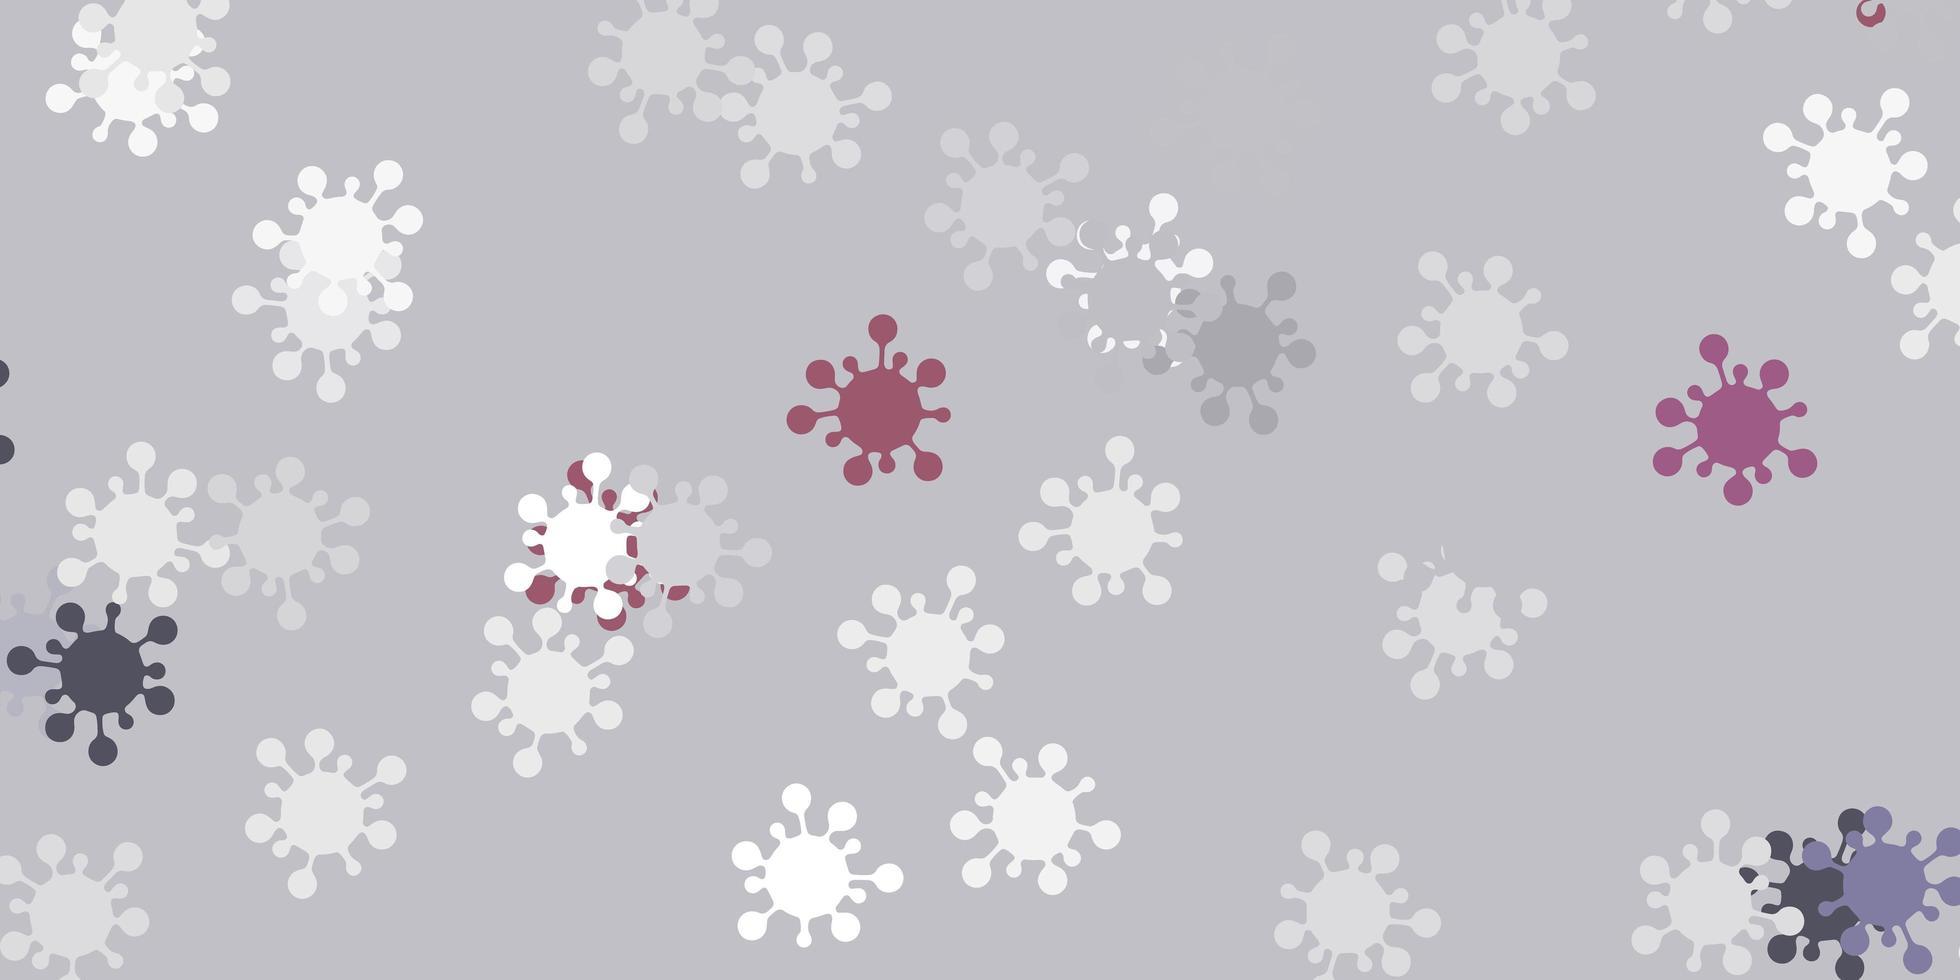 textura vetorial cinza claro com símbolos de doenças vetor